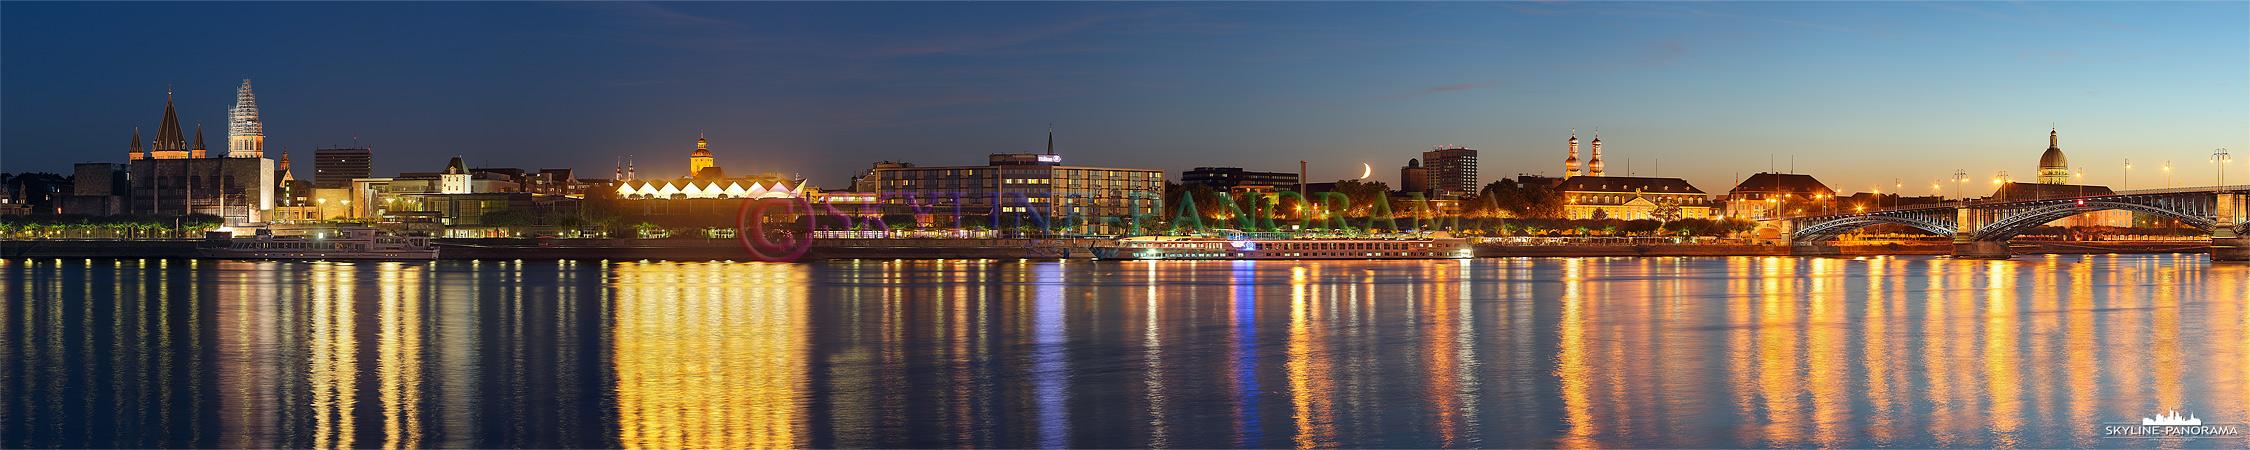 Dieses Panorama zeigt die Stadtansicht auf Mainz vom Rheinufer in Mainz Kastel aus, zu sehen sind die beleuchteten Gebäude vom Mainzer Dom bis zur Theodor-Heuss-Brücke.